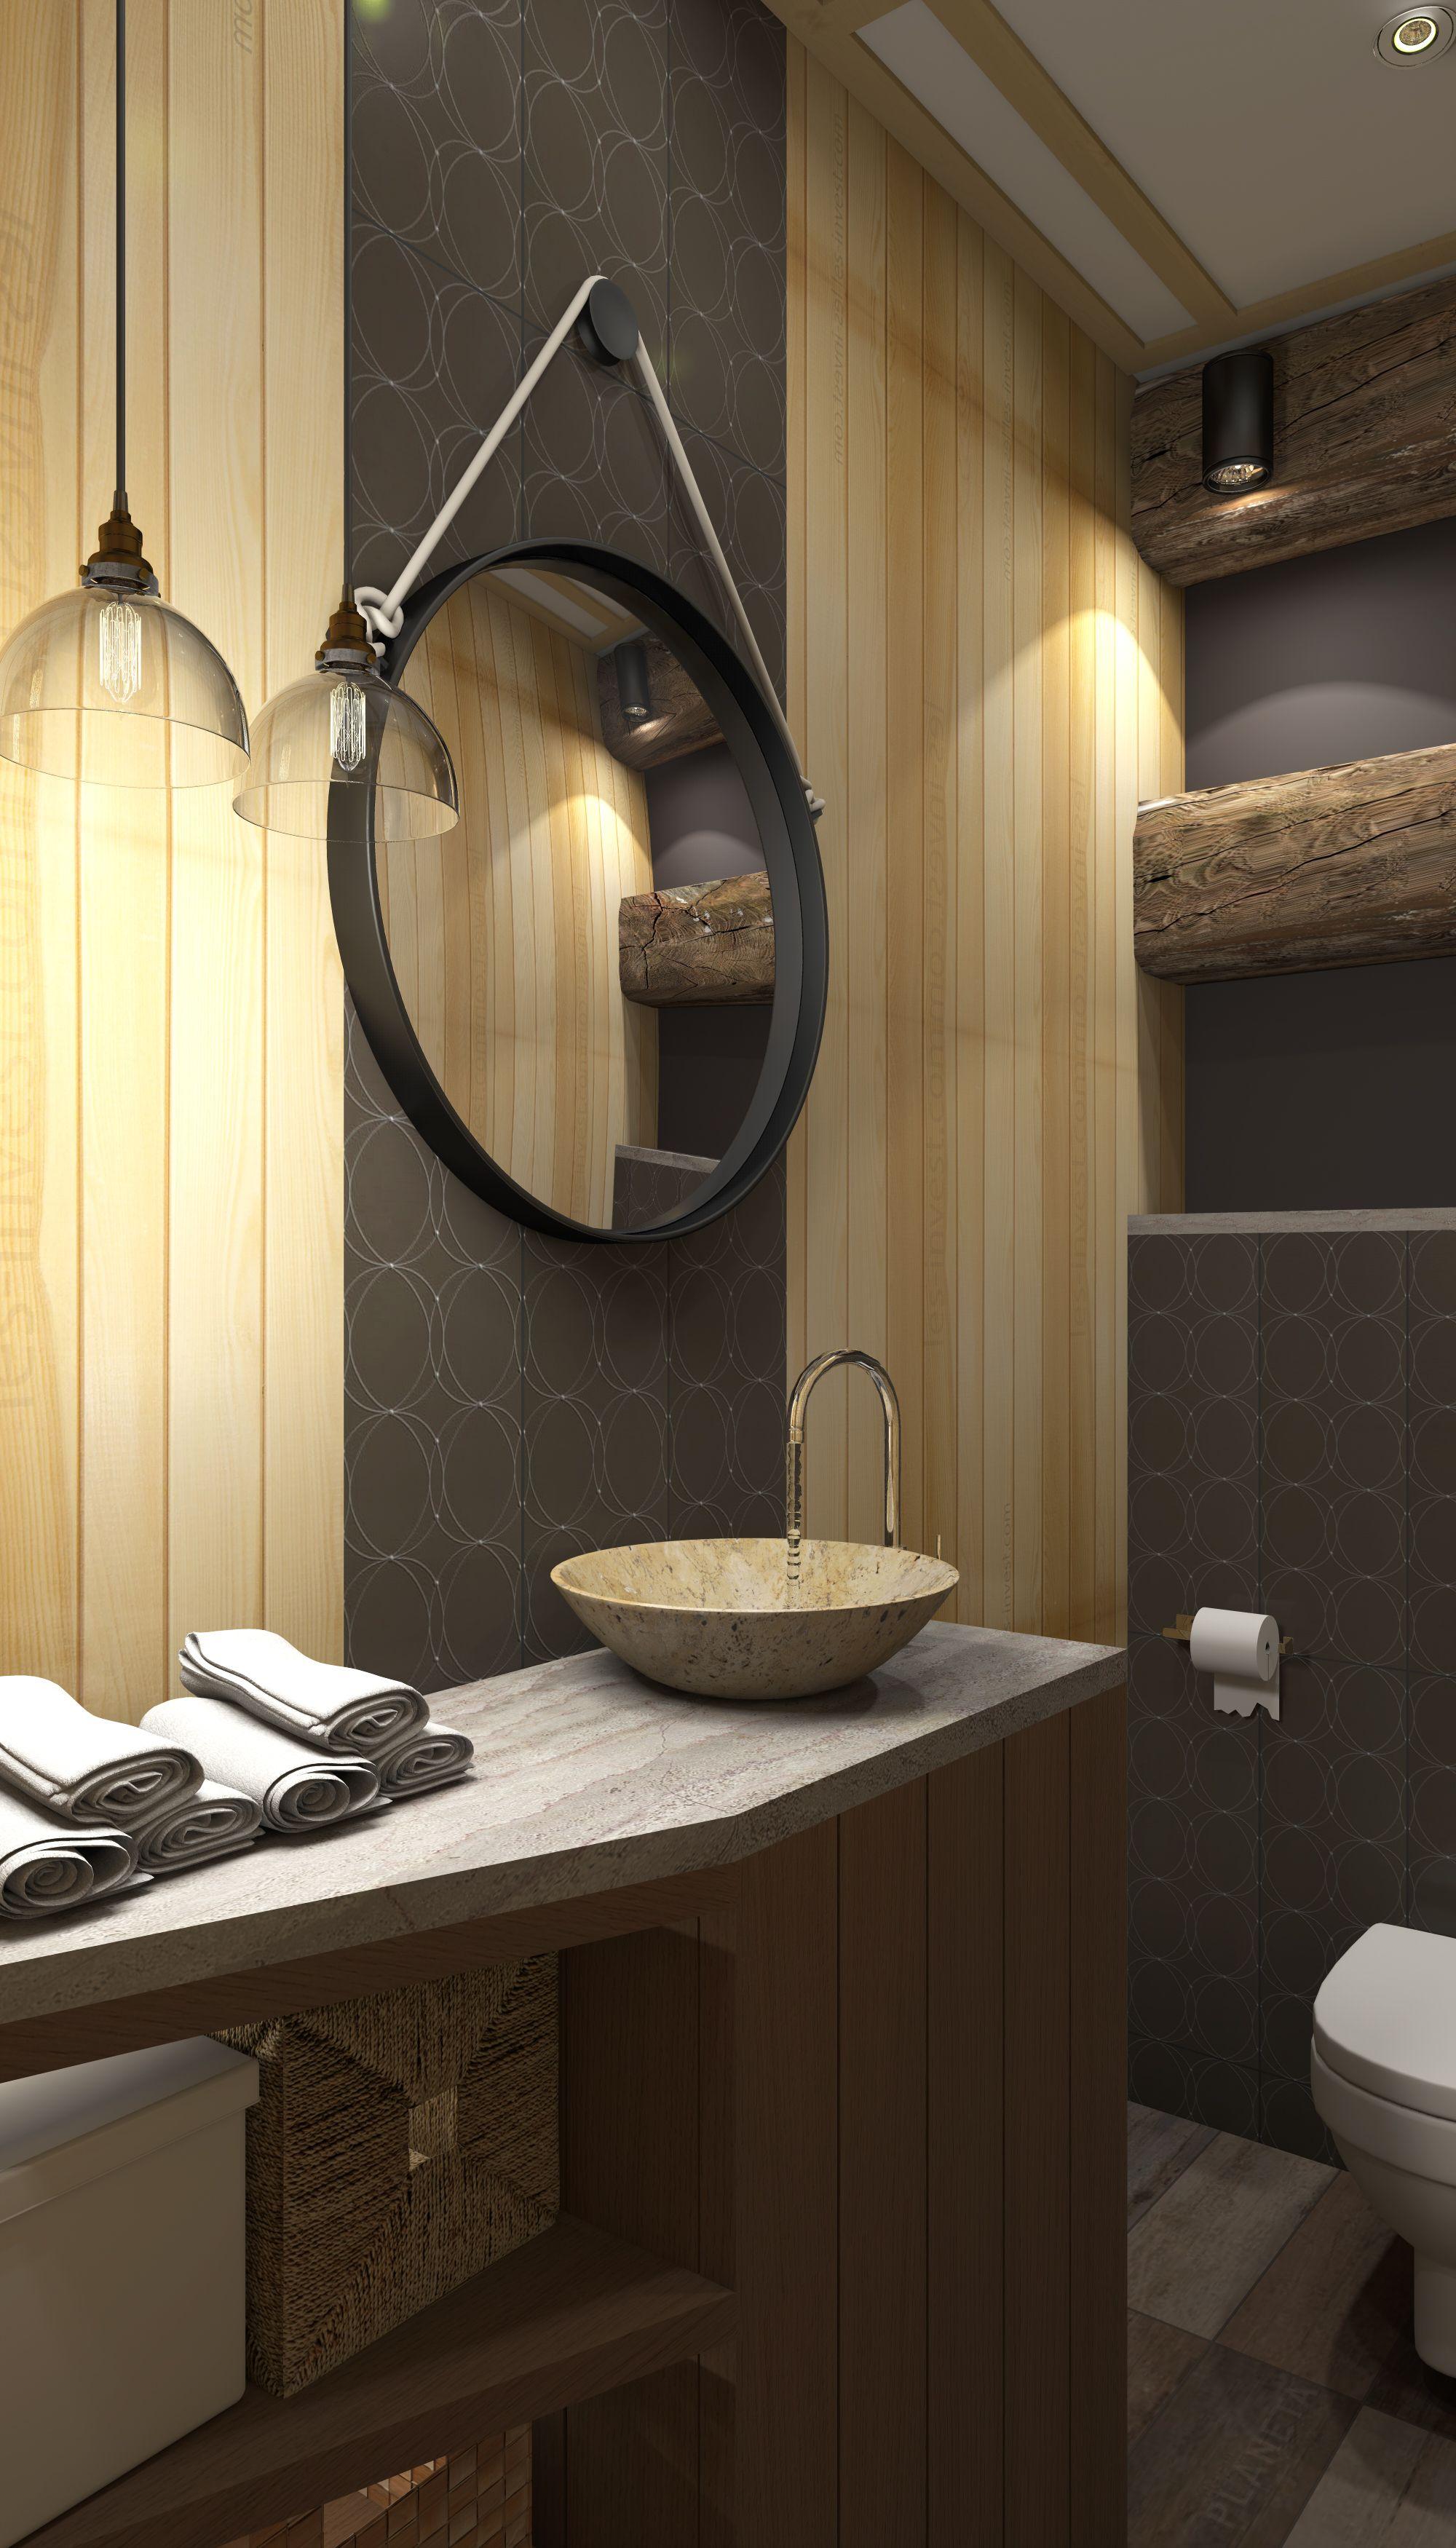 47++ Sims 4 small bathroom ideas ideas